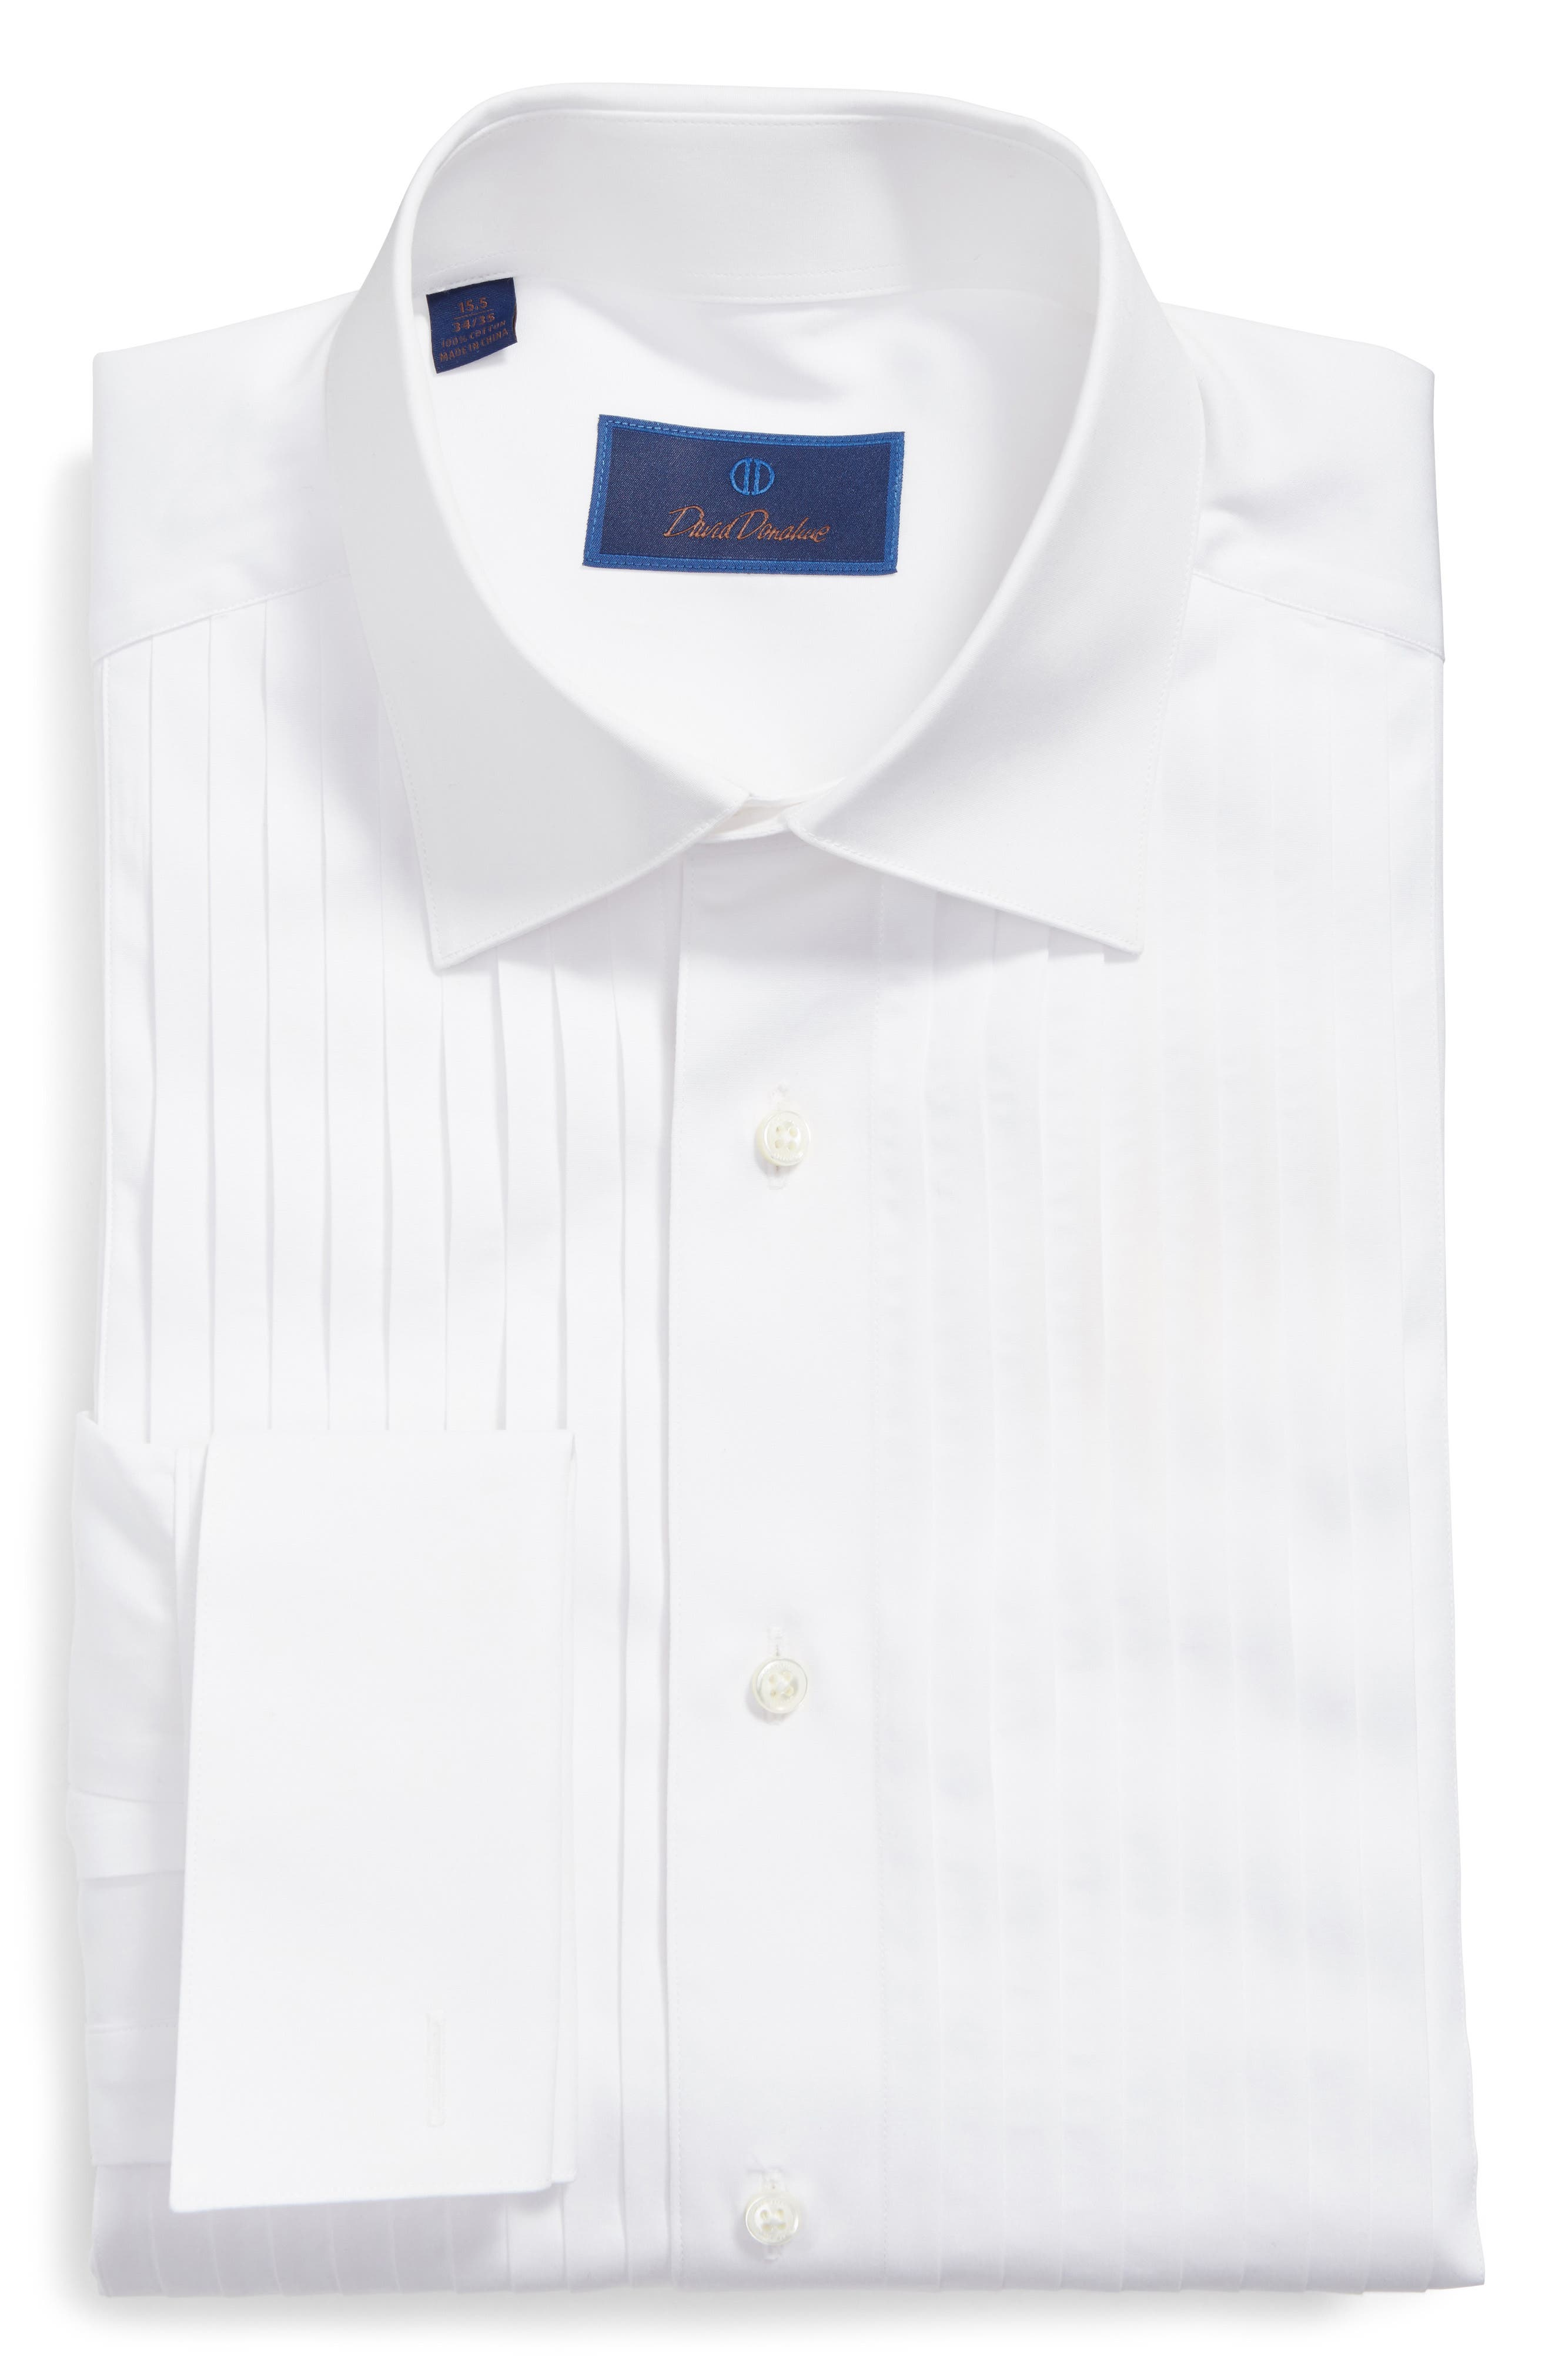 David Donahue Regular Fit French Cuff Tuxedo Shirt